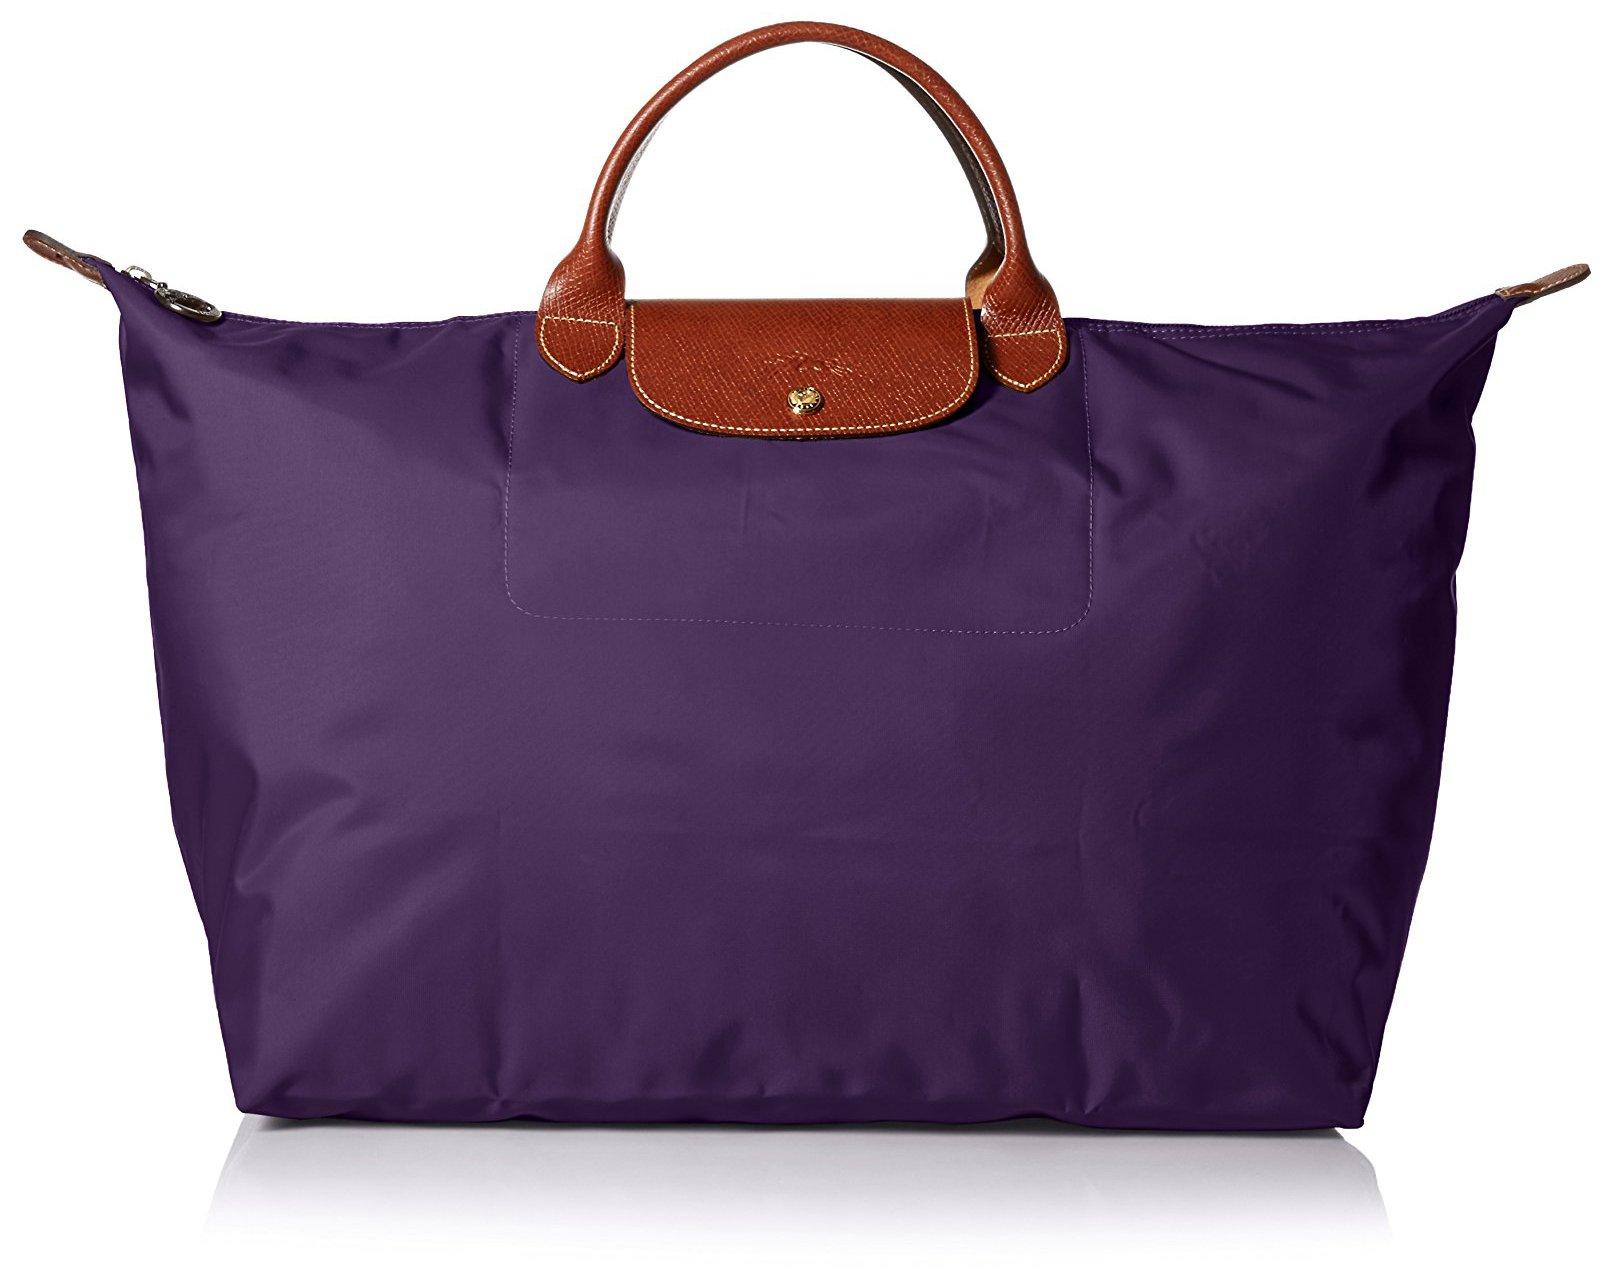 Longchamp Le Pliage Large Travel Bag, Bilberry, 17.75'' x 13.75'' x 9''